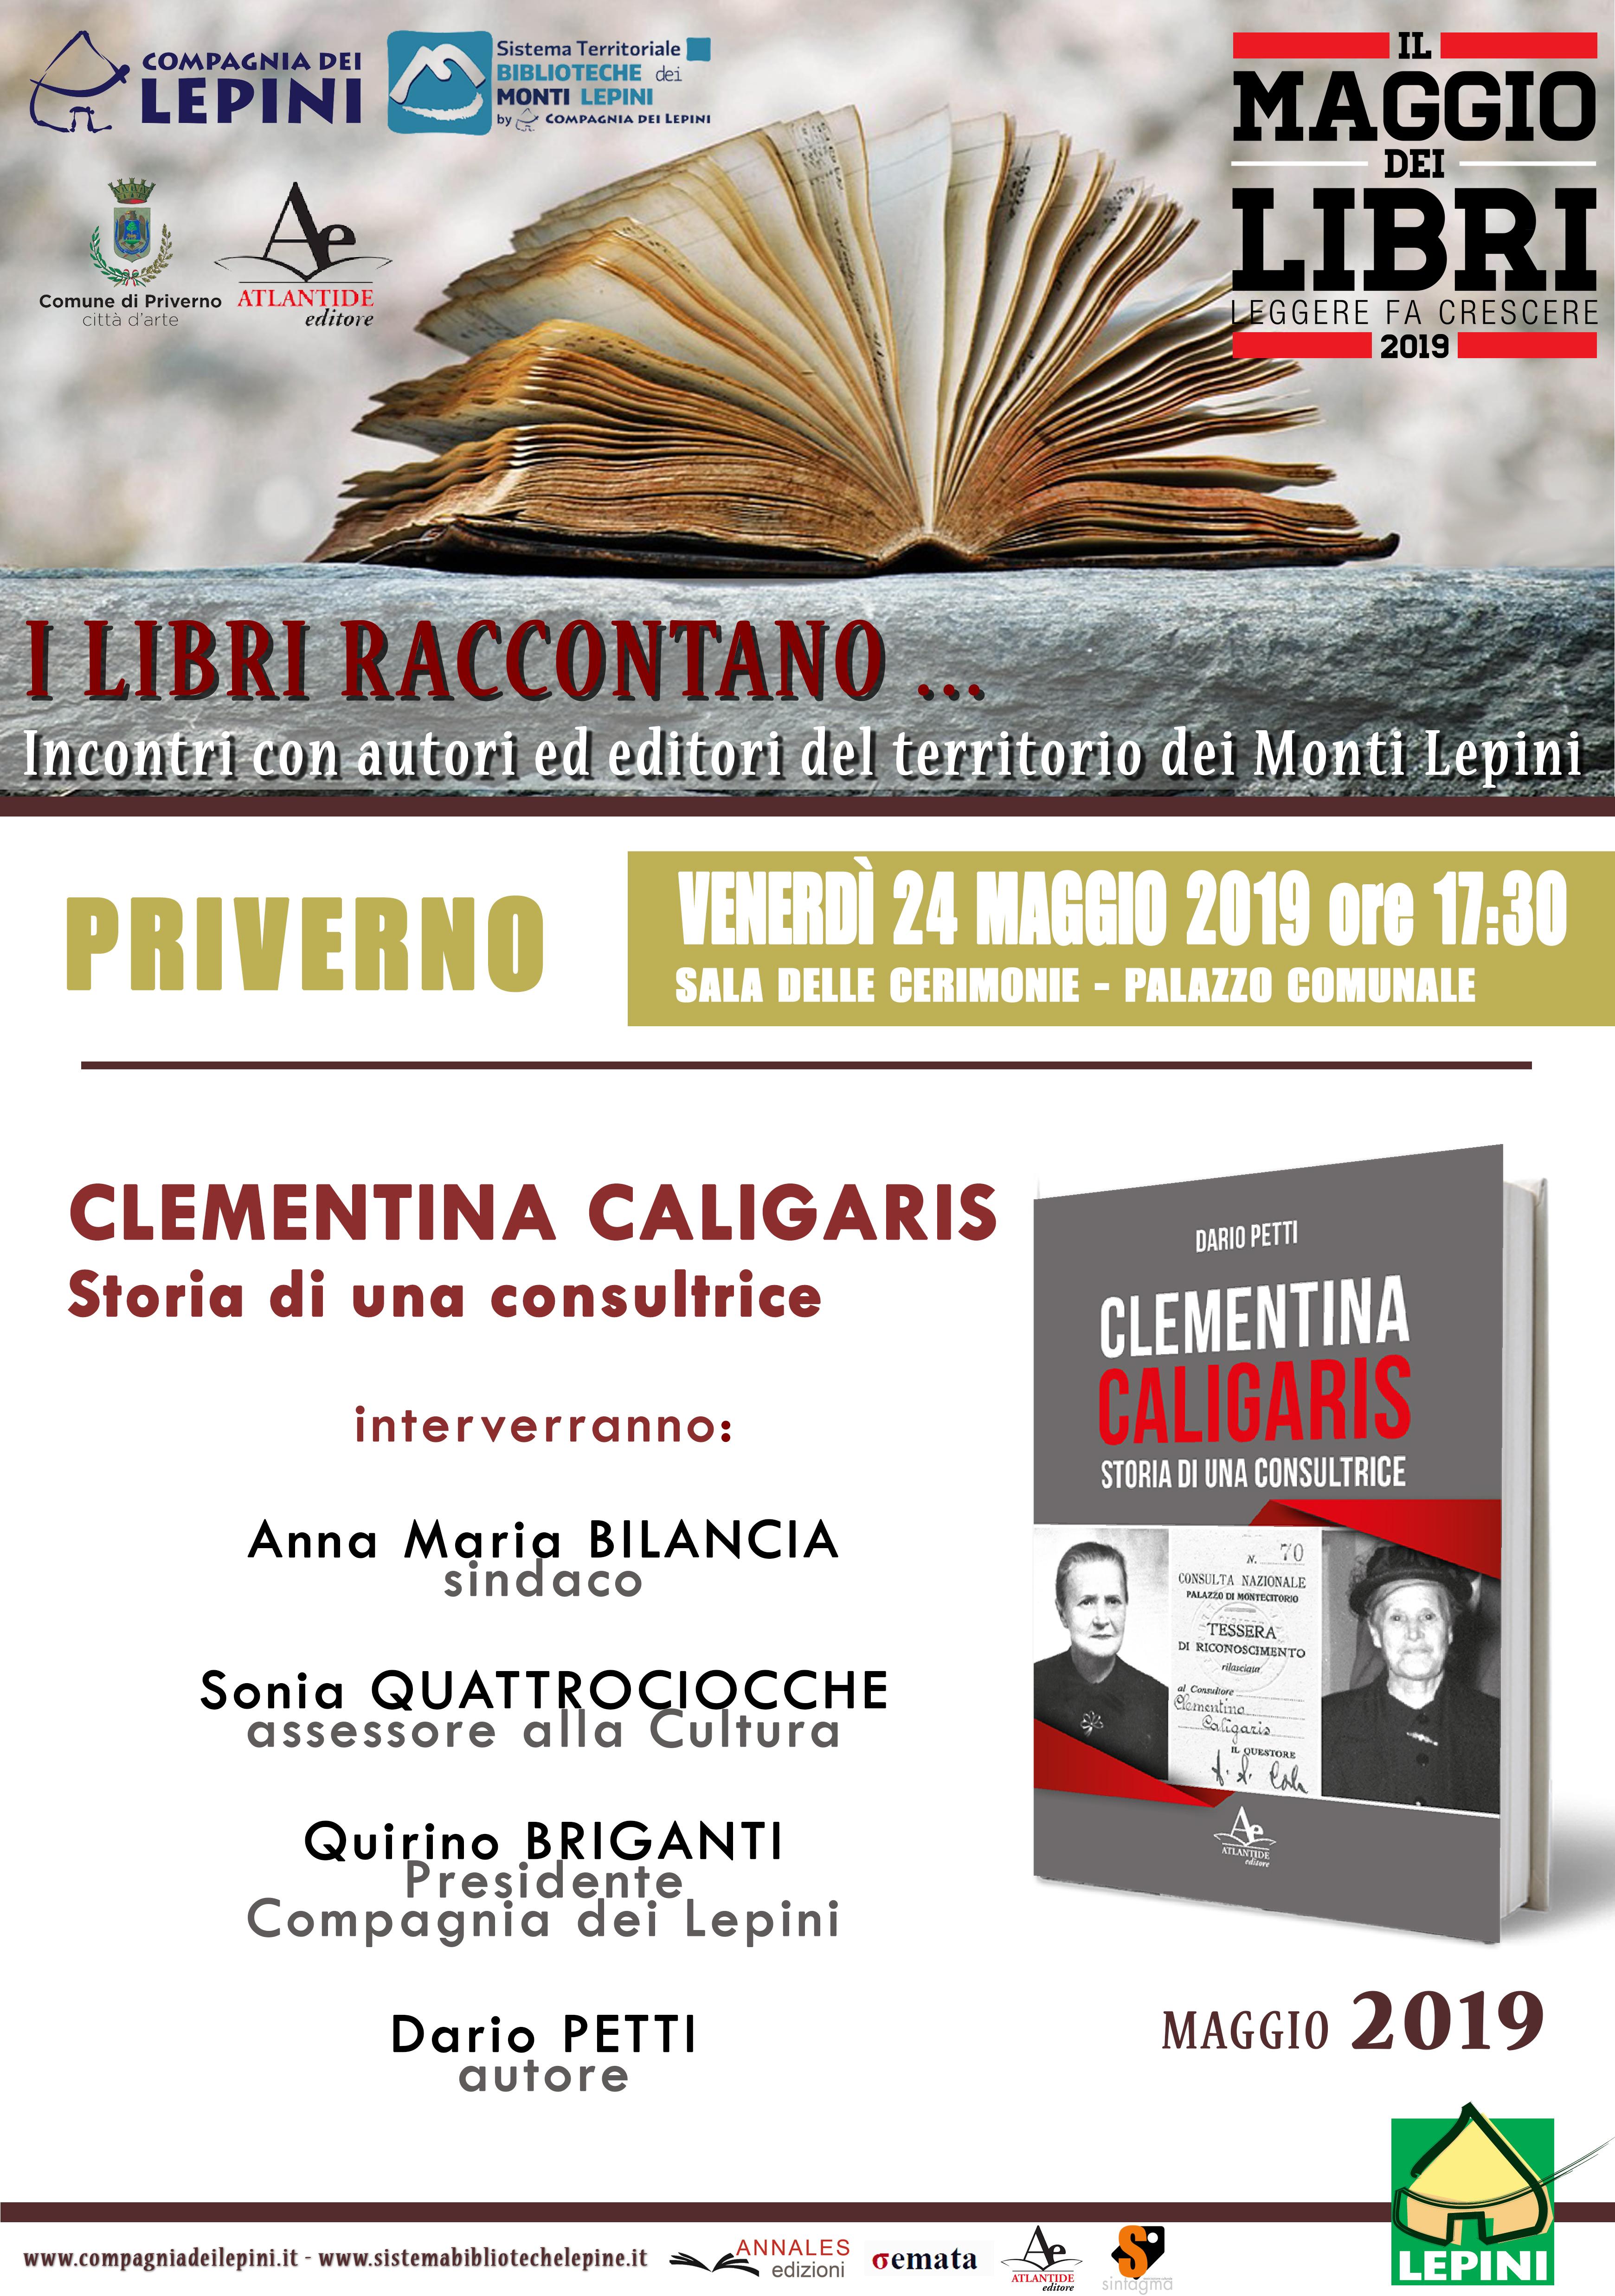 Priverno: Il Maggio dei libri @ sala delle cerimonie | Priverno | Lazio | Italia